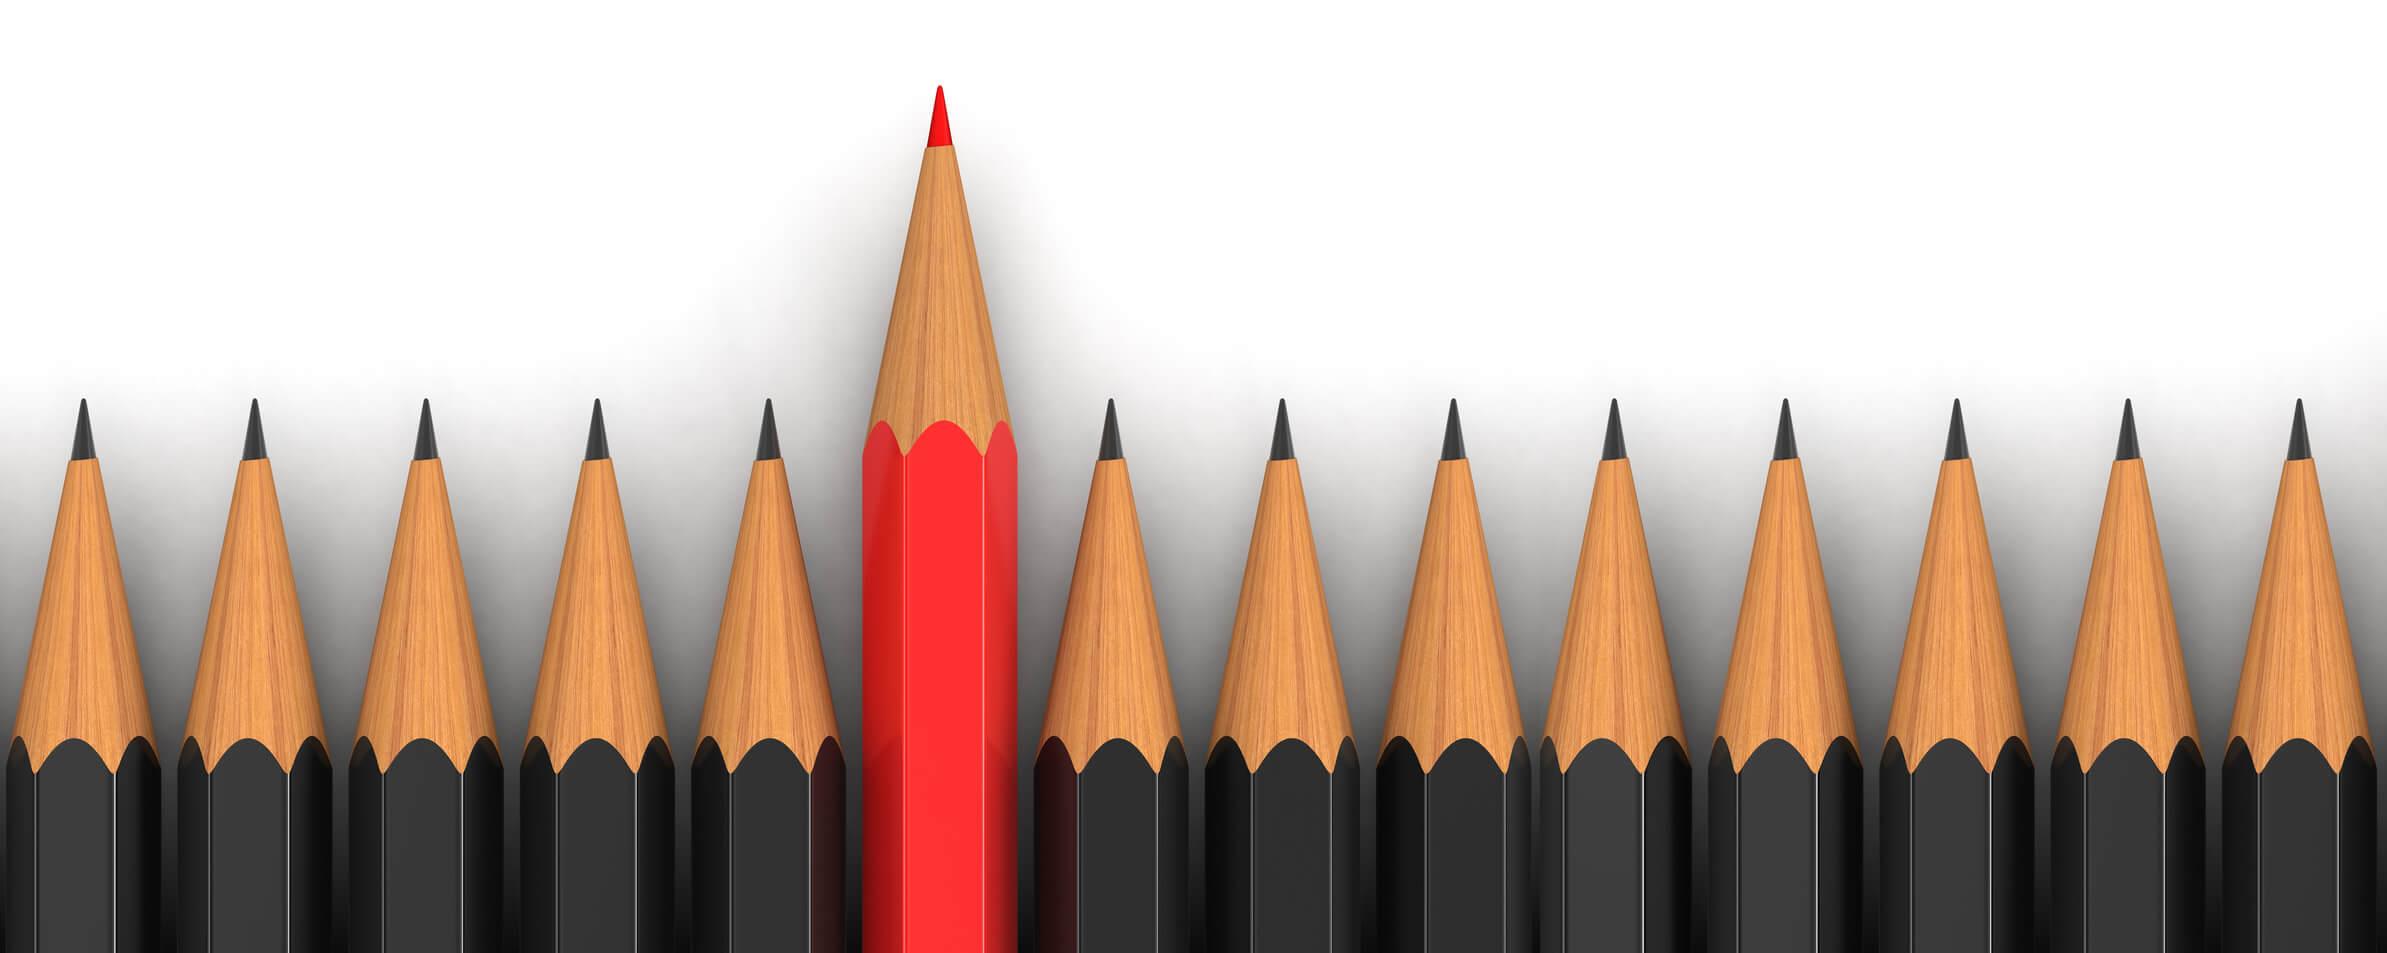 Quanto conta un logo efficace per una startup? Biancolapis - Design della Comunicazione